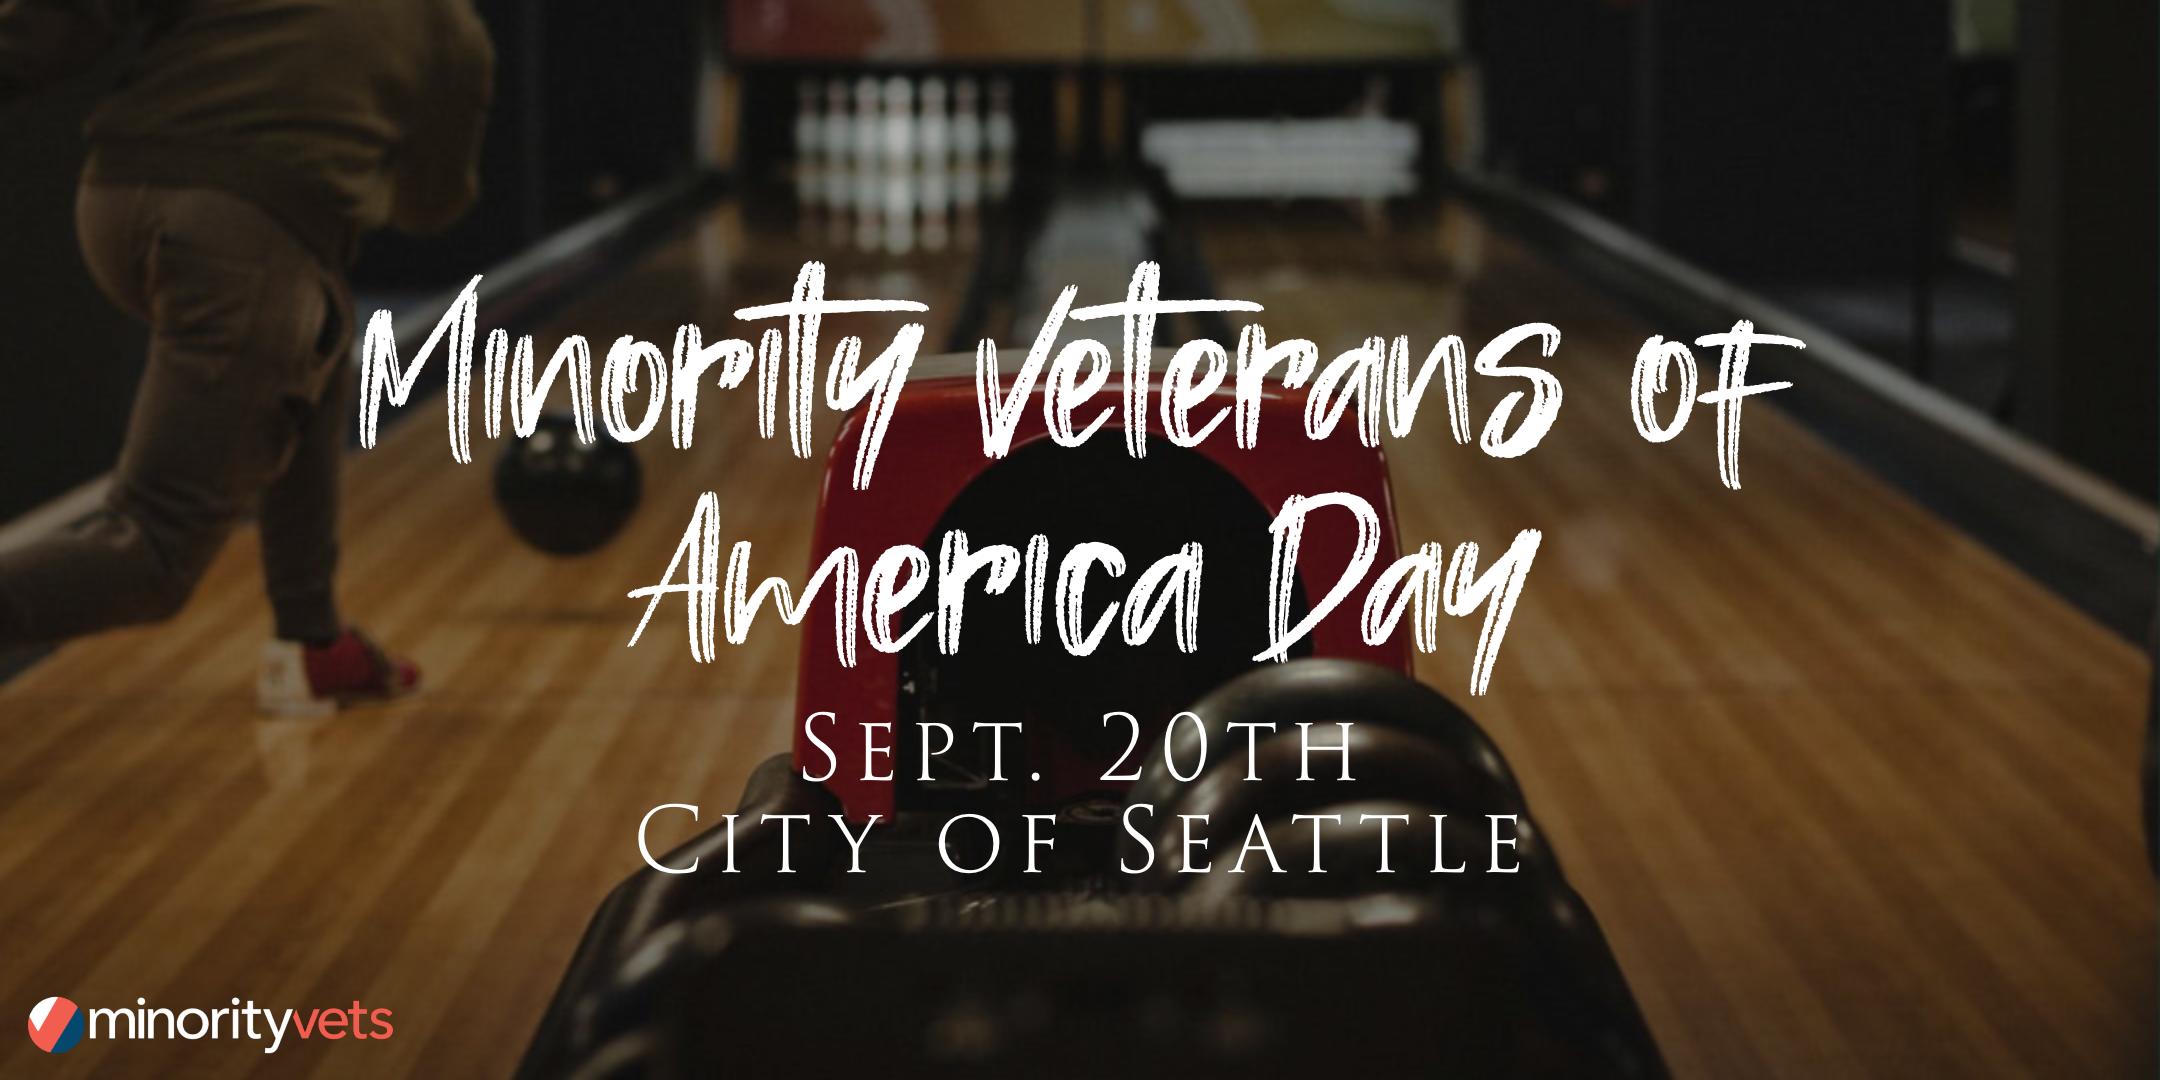 Minority Veterans of America Day